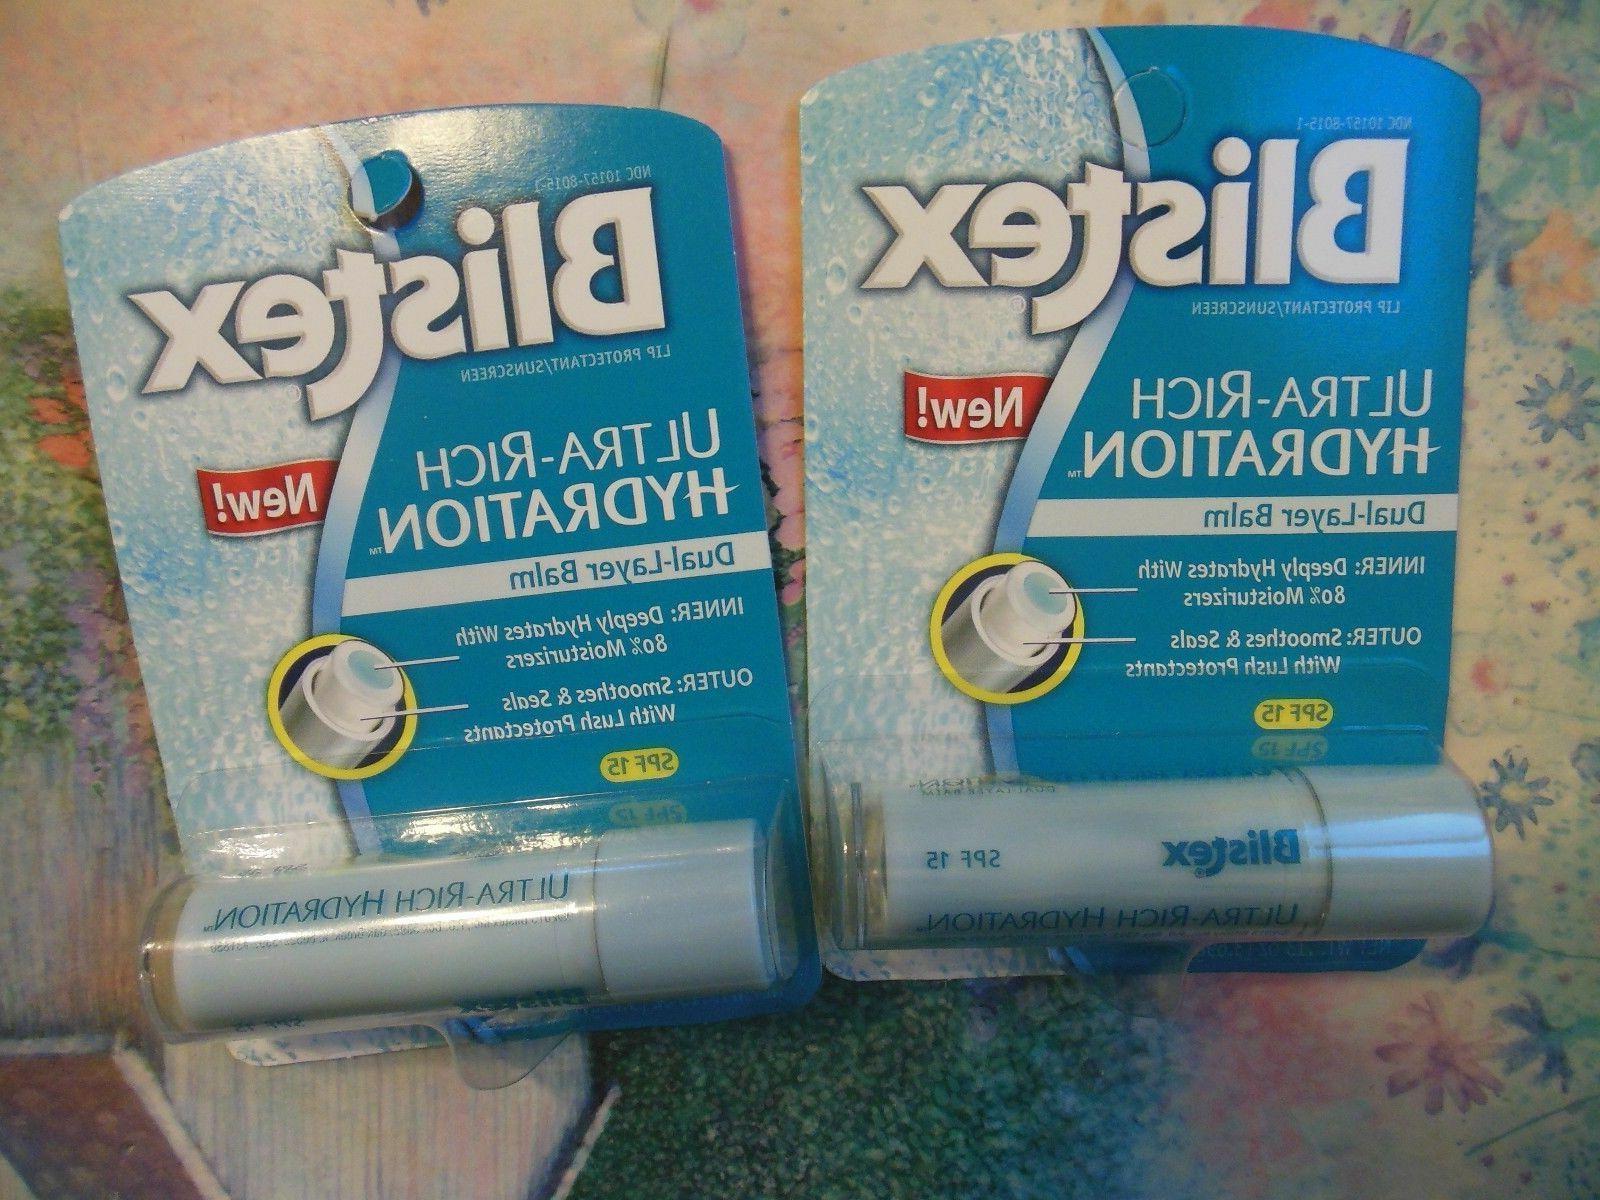 x2 lip balm ultra rich hydration dual